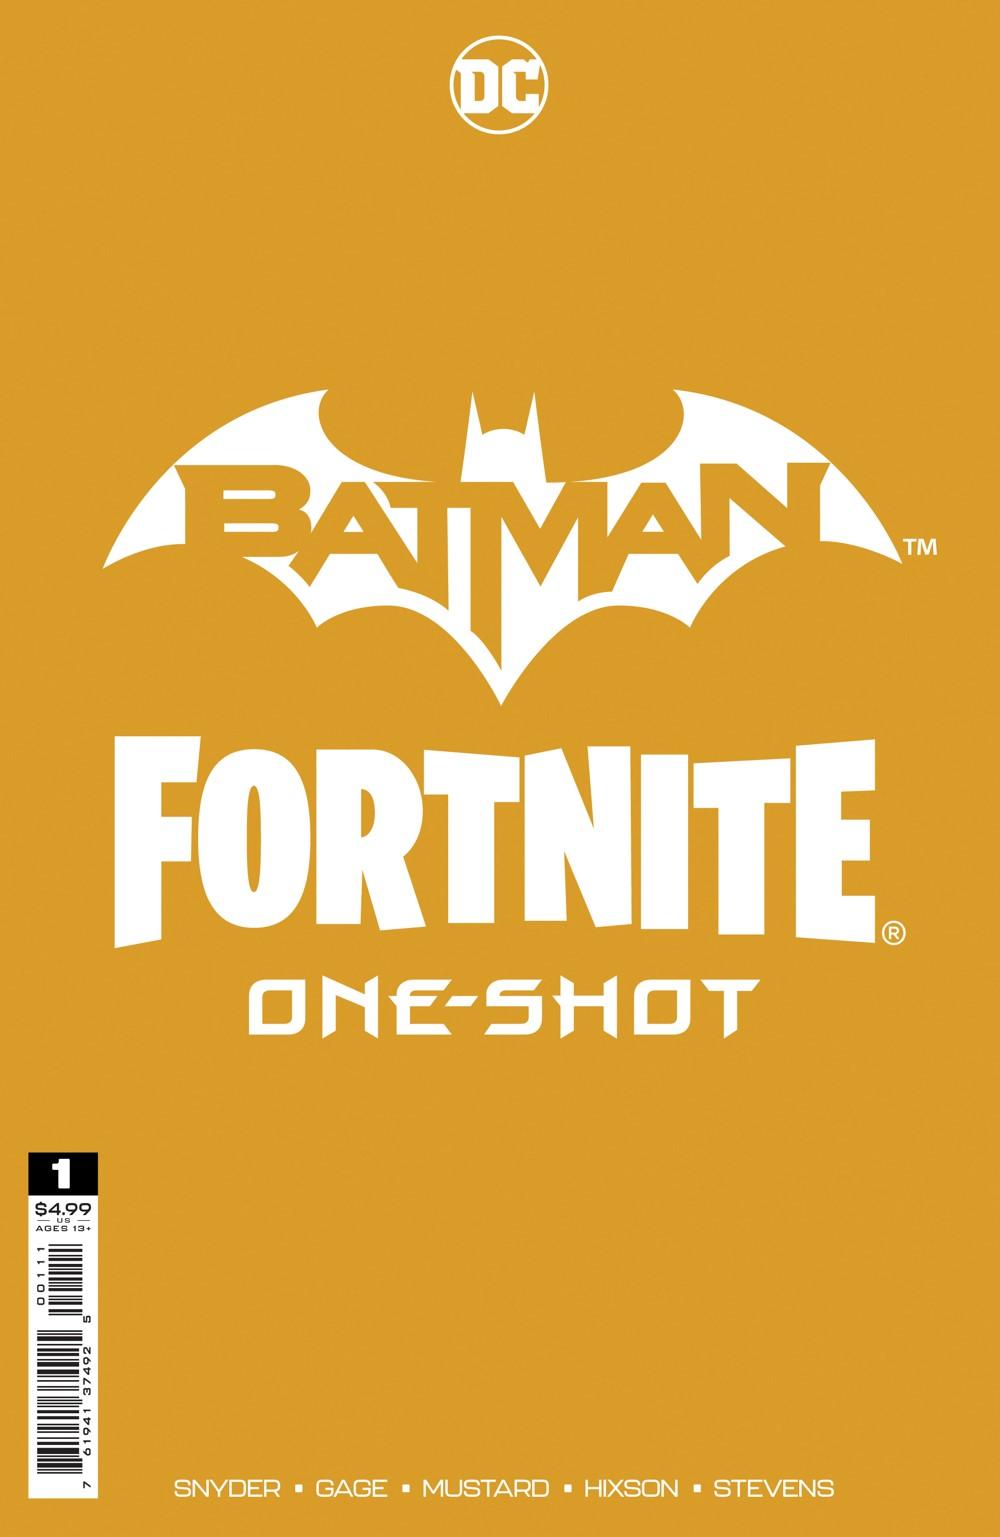 BMFN_one_shot_Cv1_00111 DC Comics October 2021 Solicitations